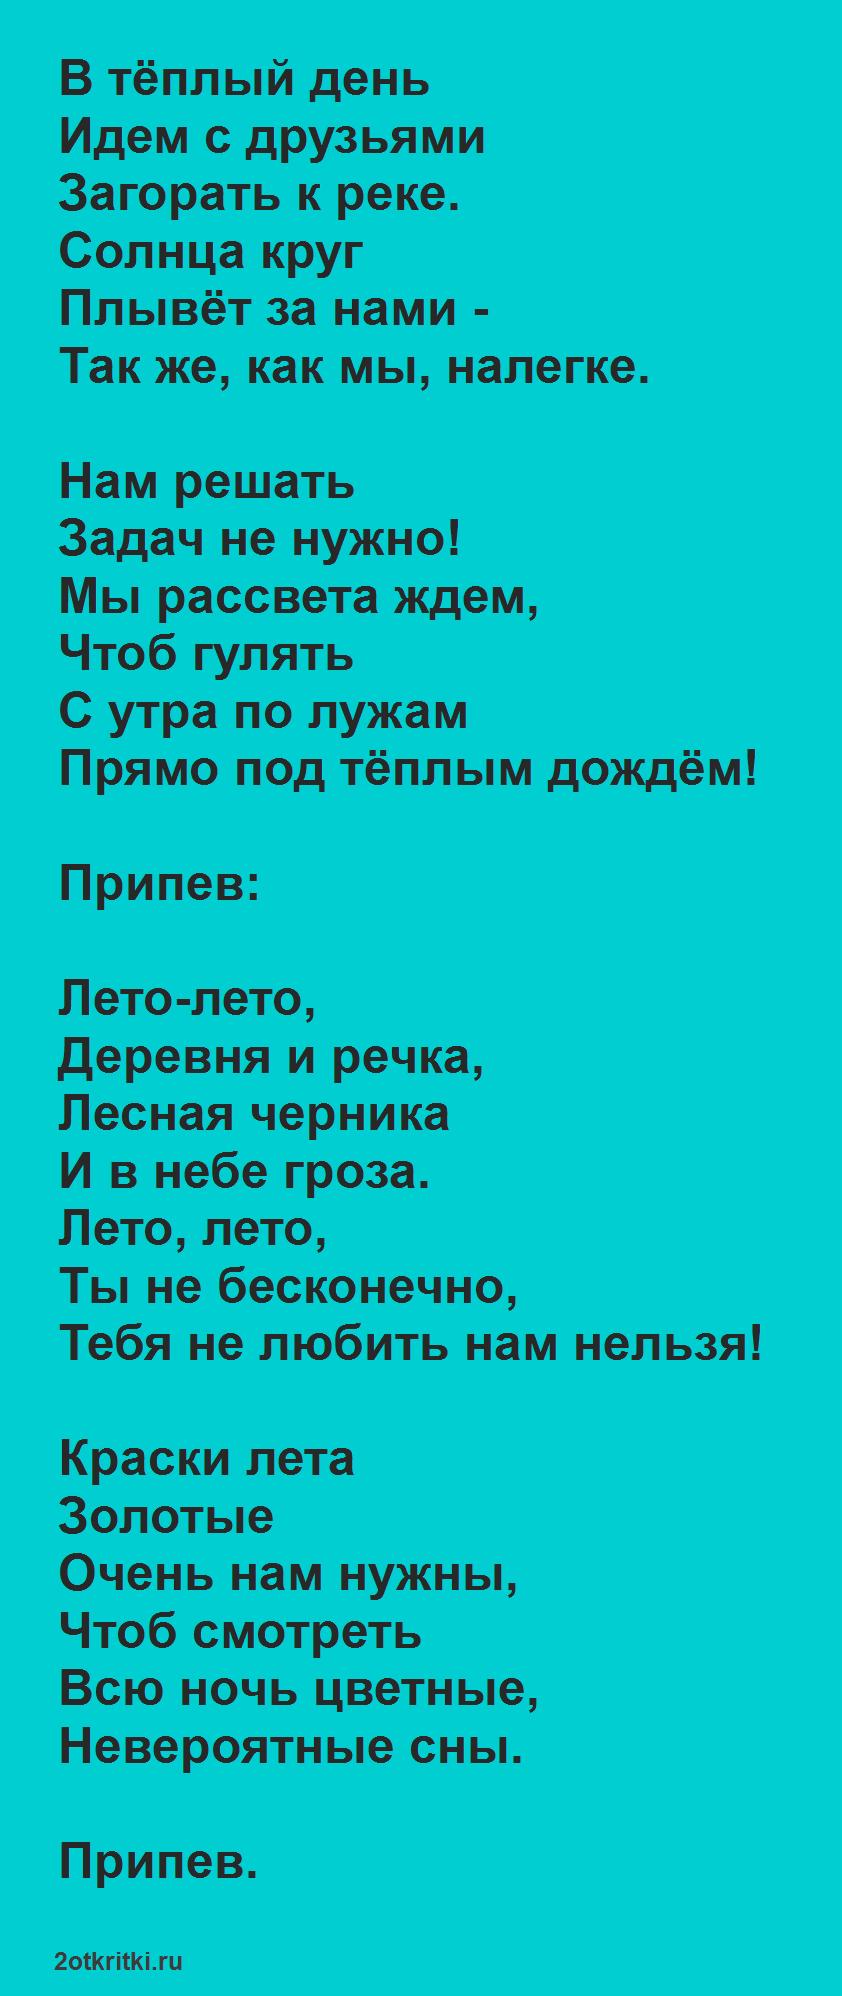 Песни на 1 июня, день защиты детей - Лето-лето